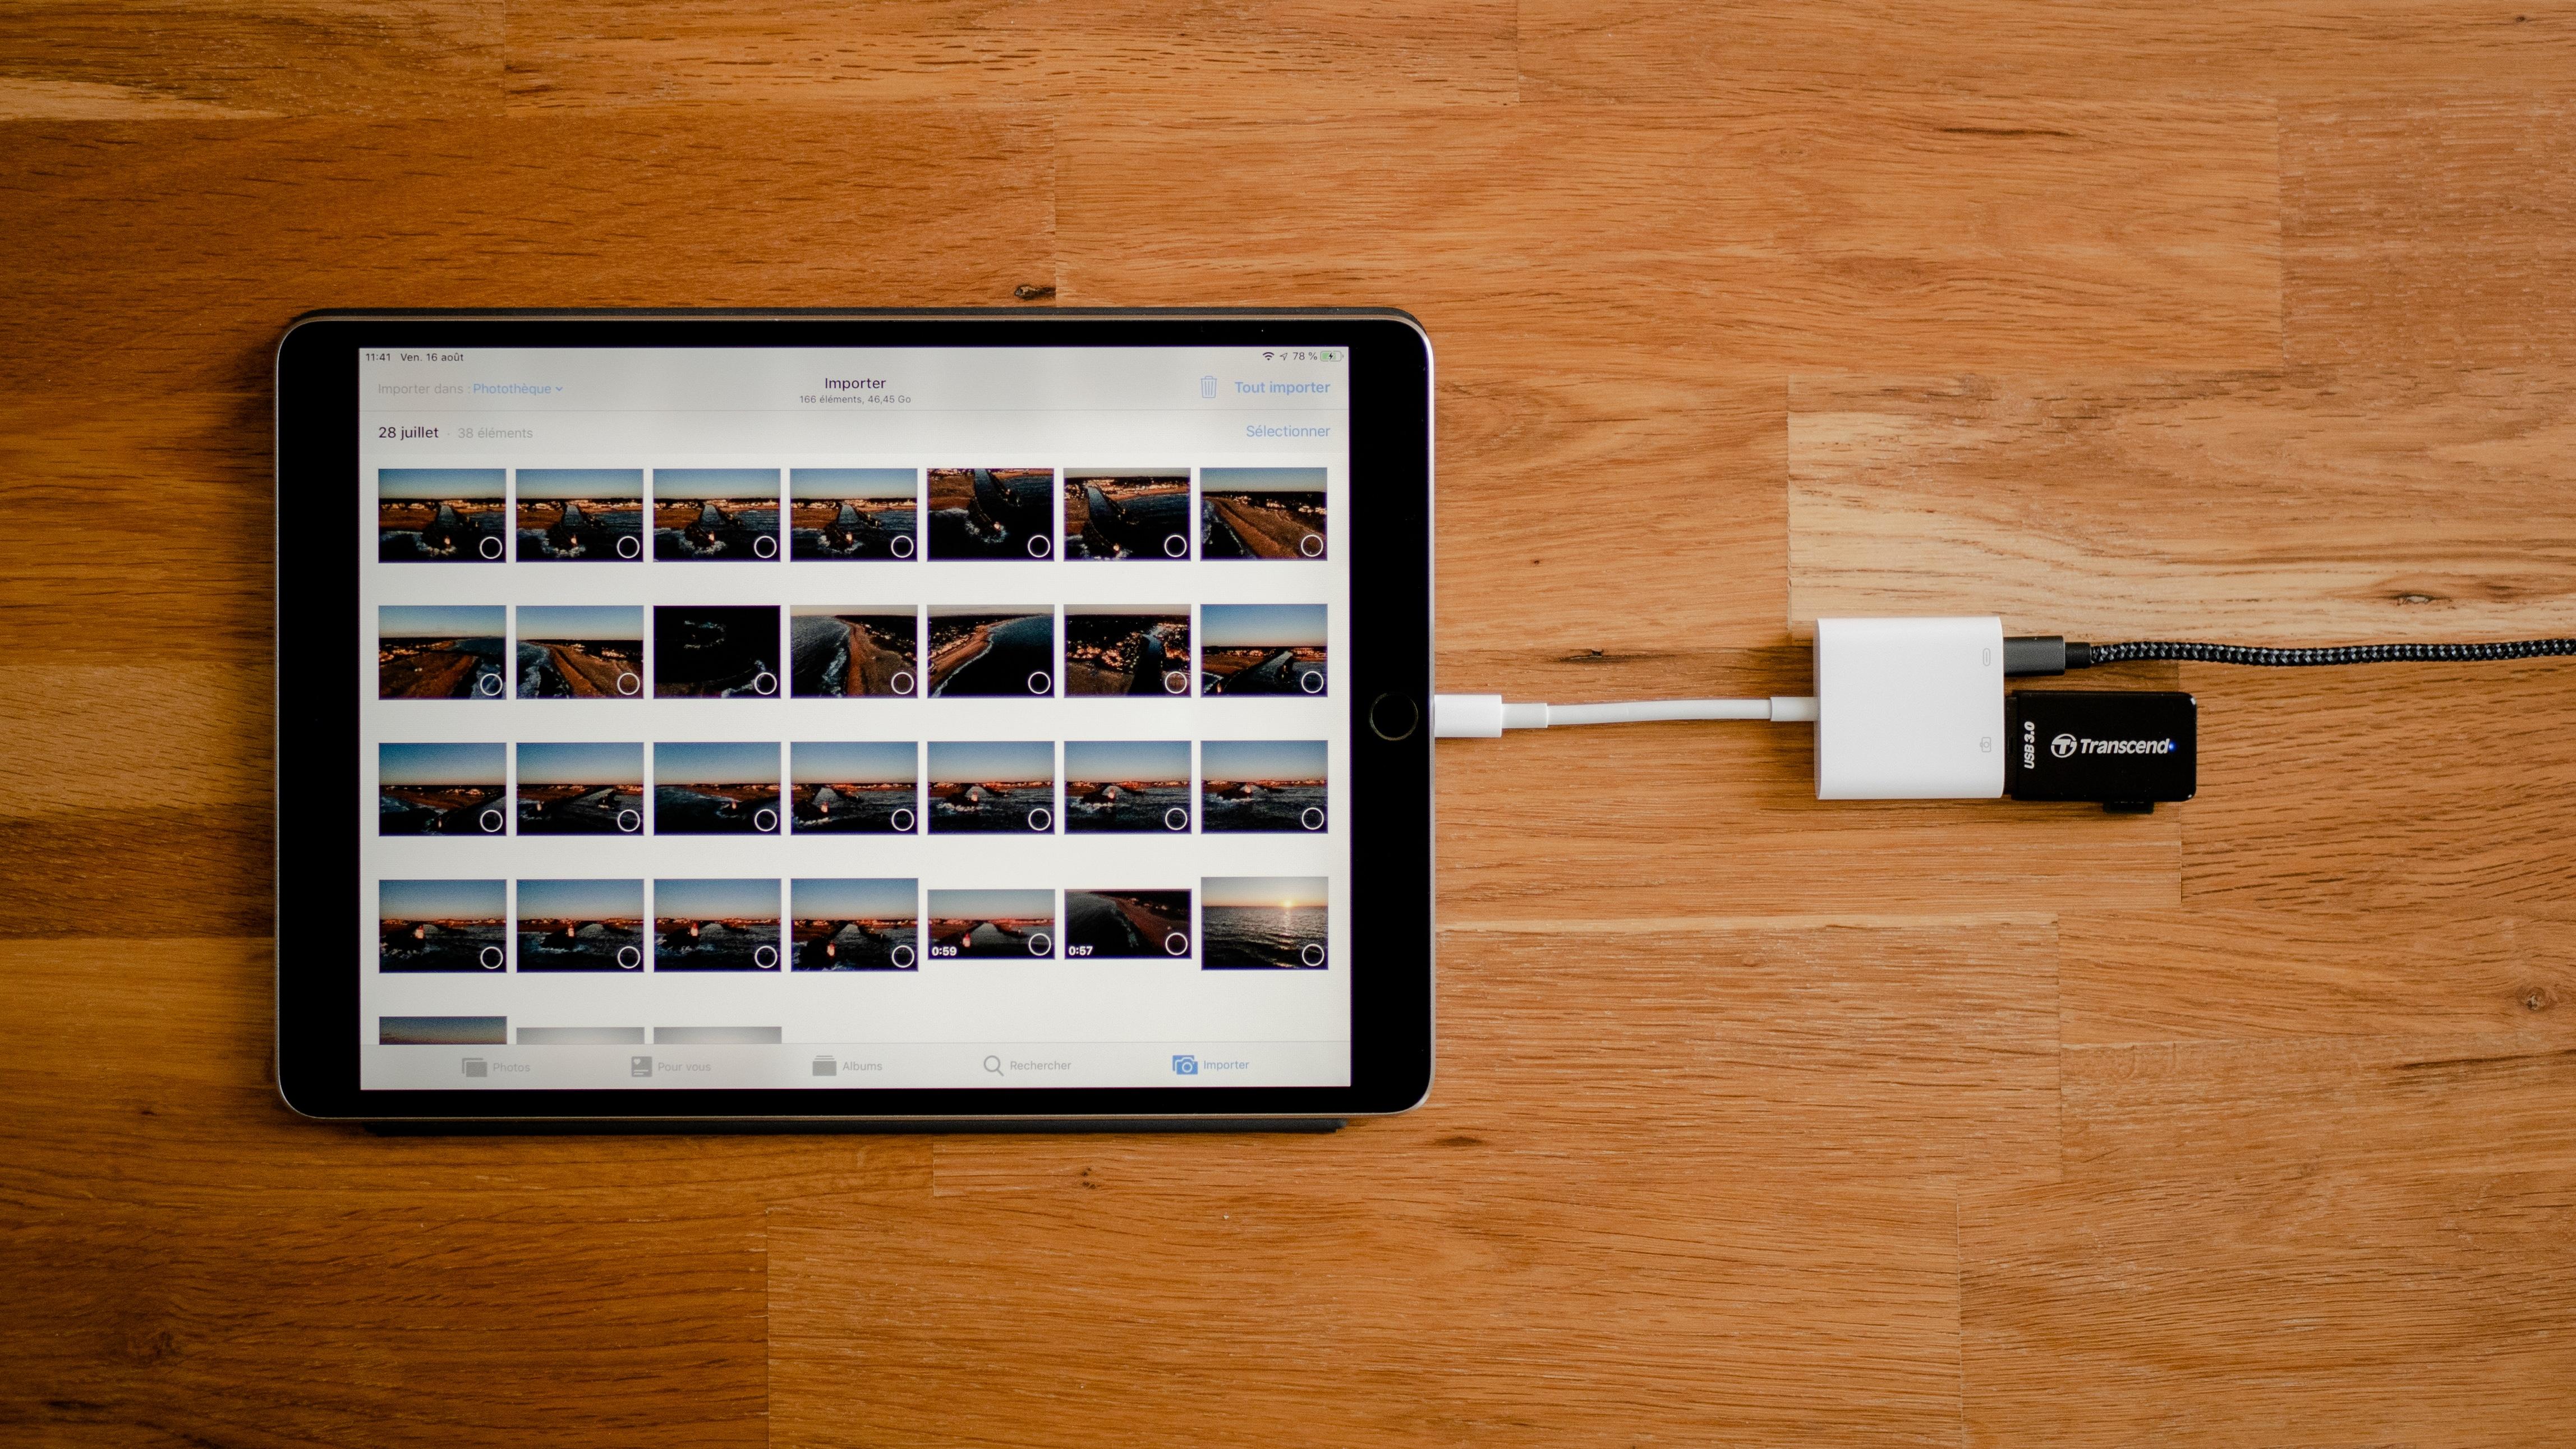 Equipements - iPad